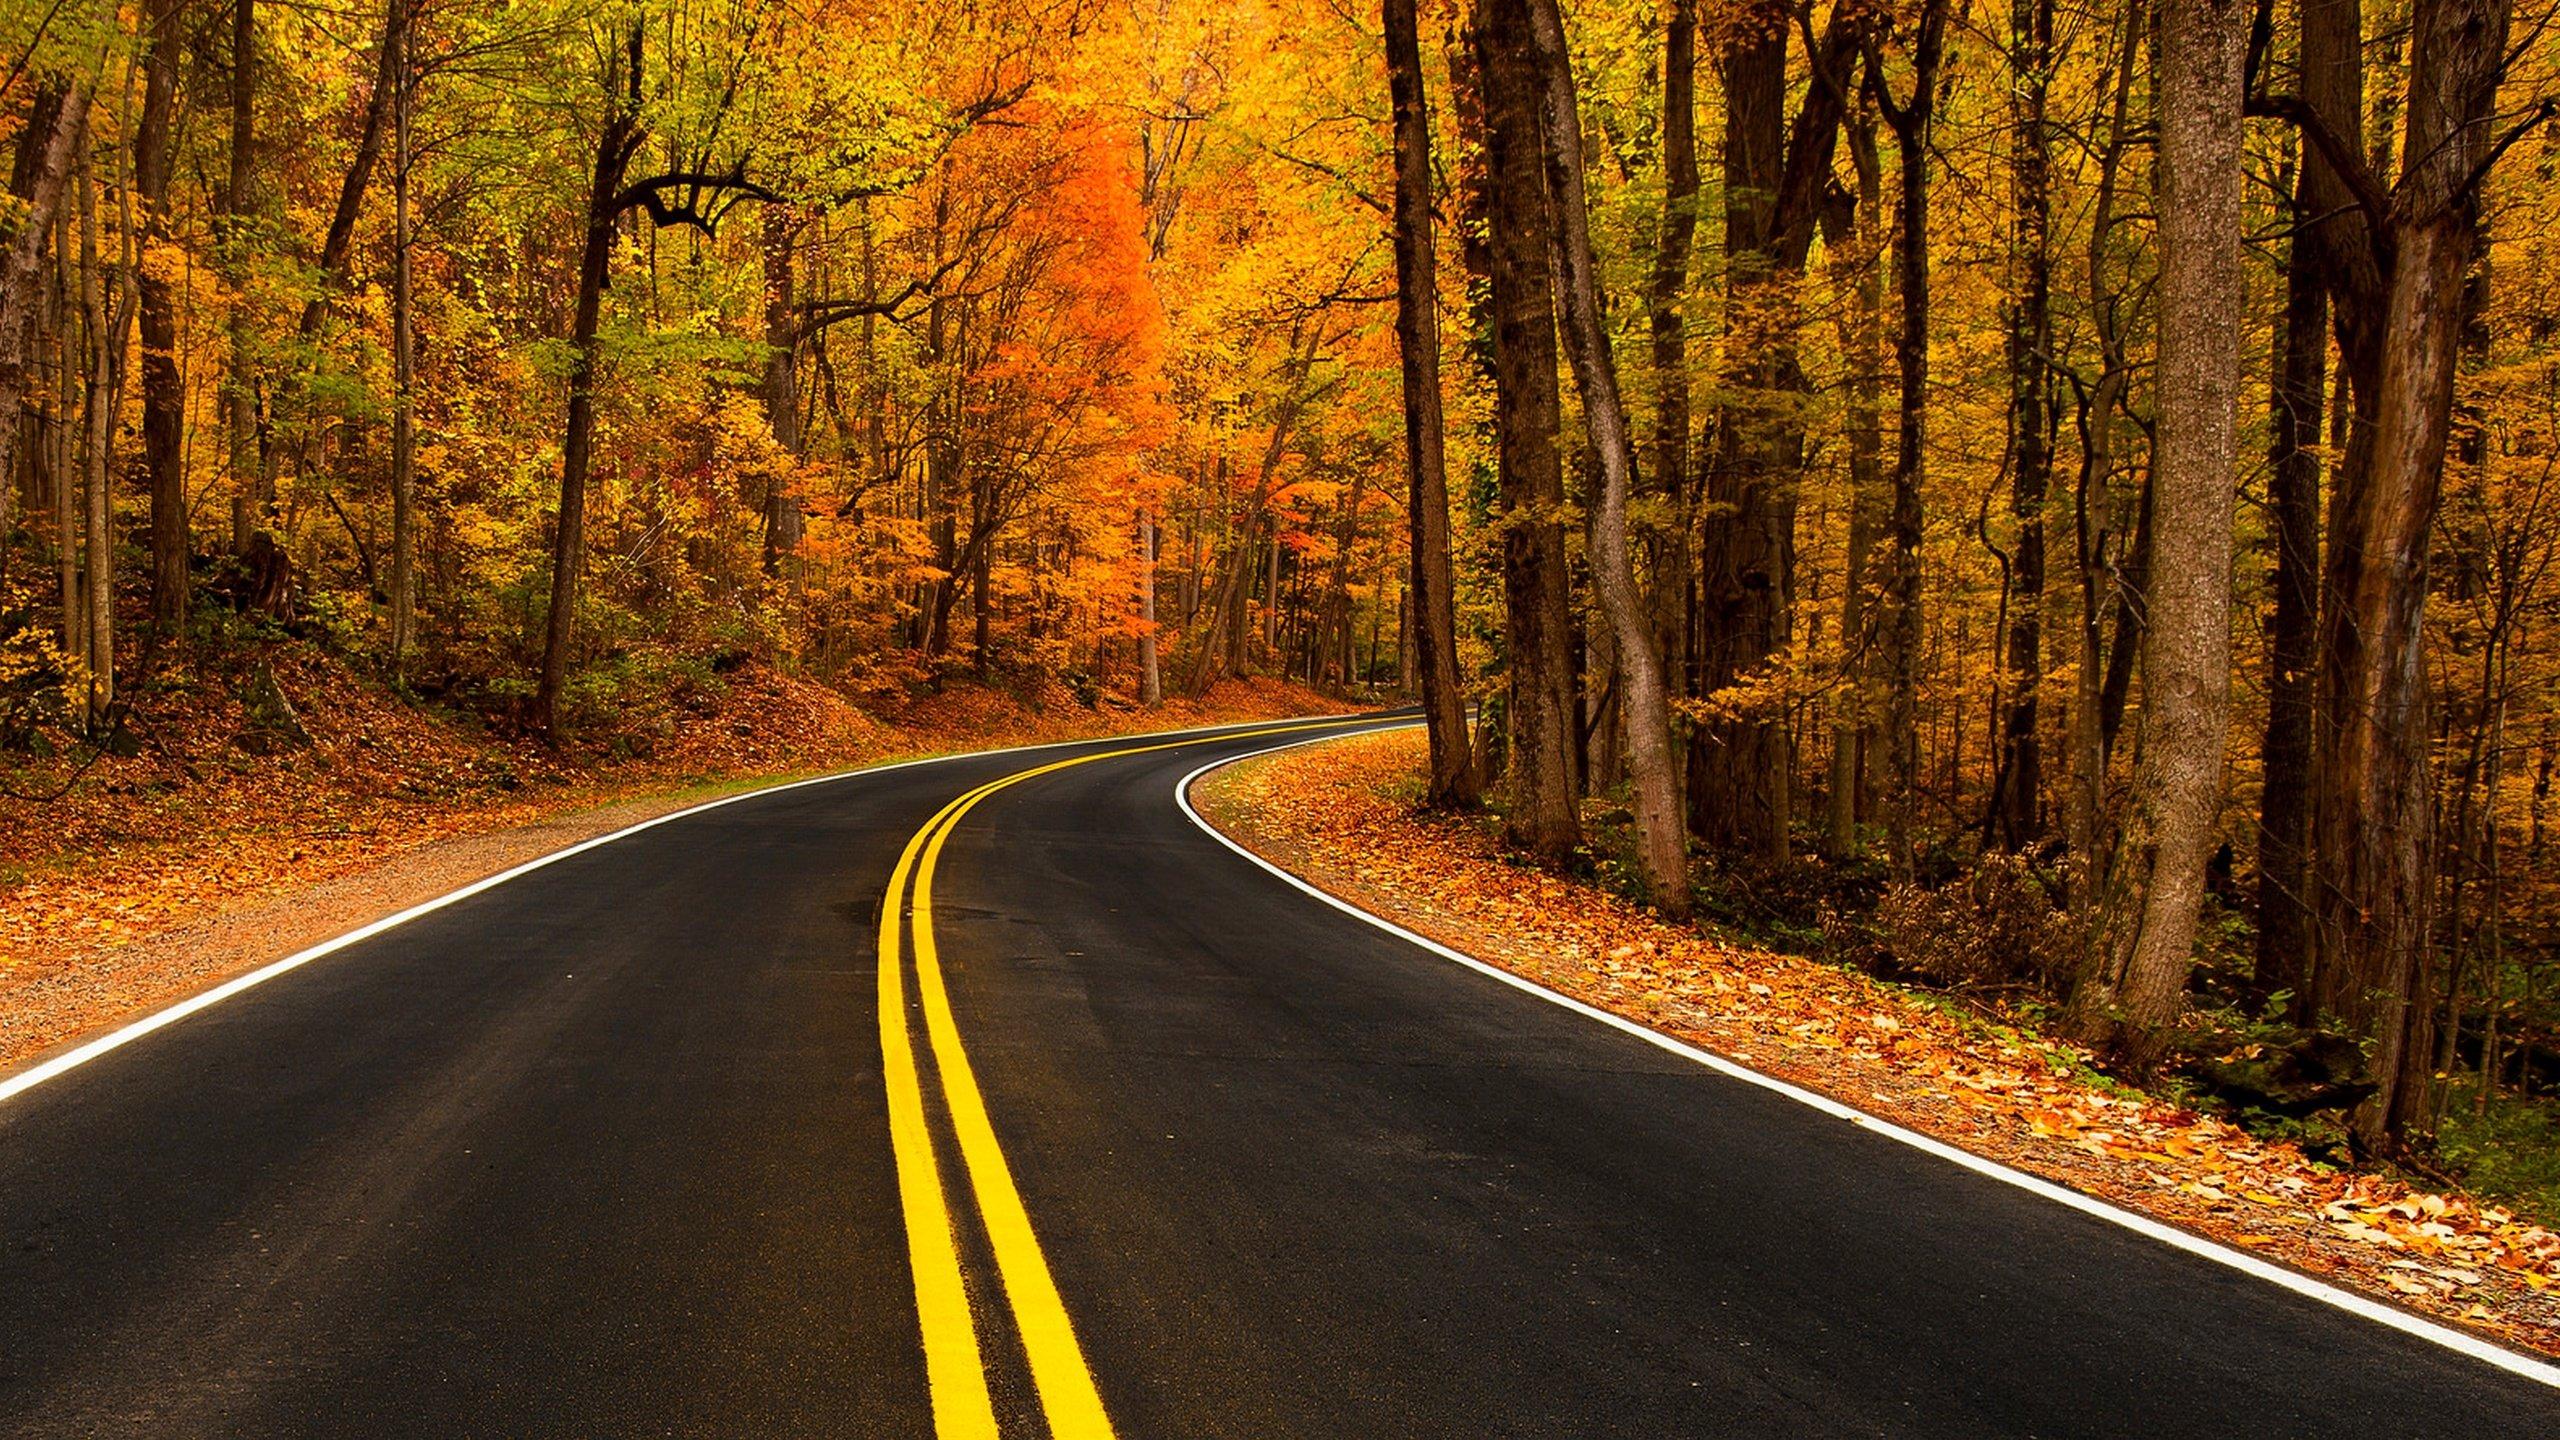 автомобиль осень лес дорога  № 3771384 загрузить